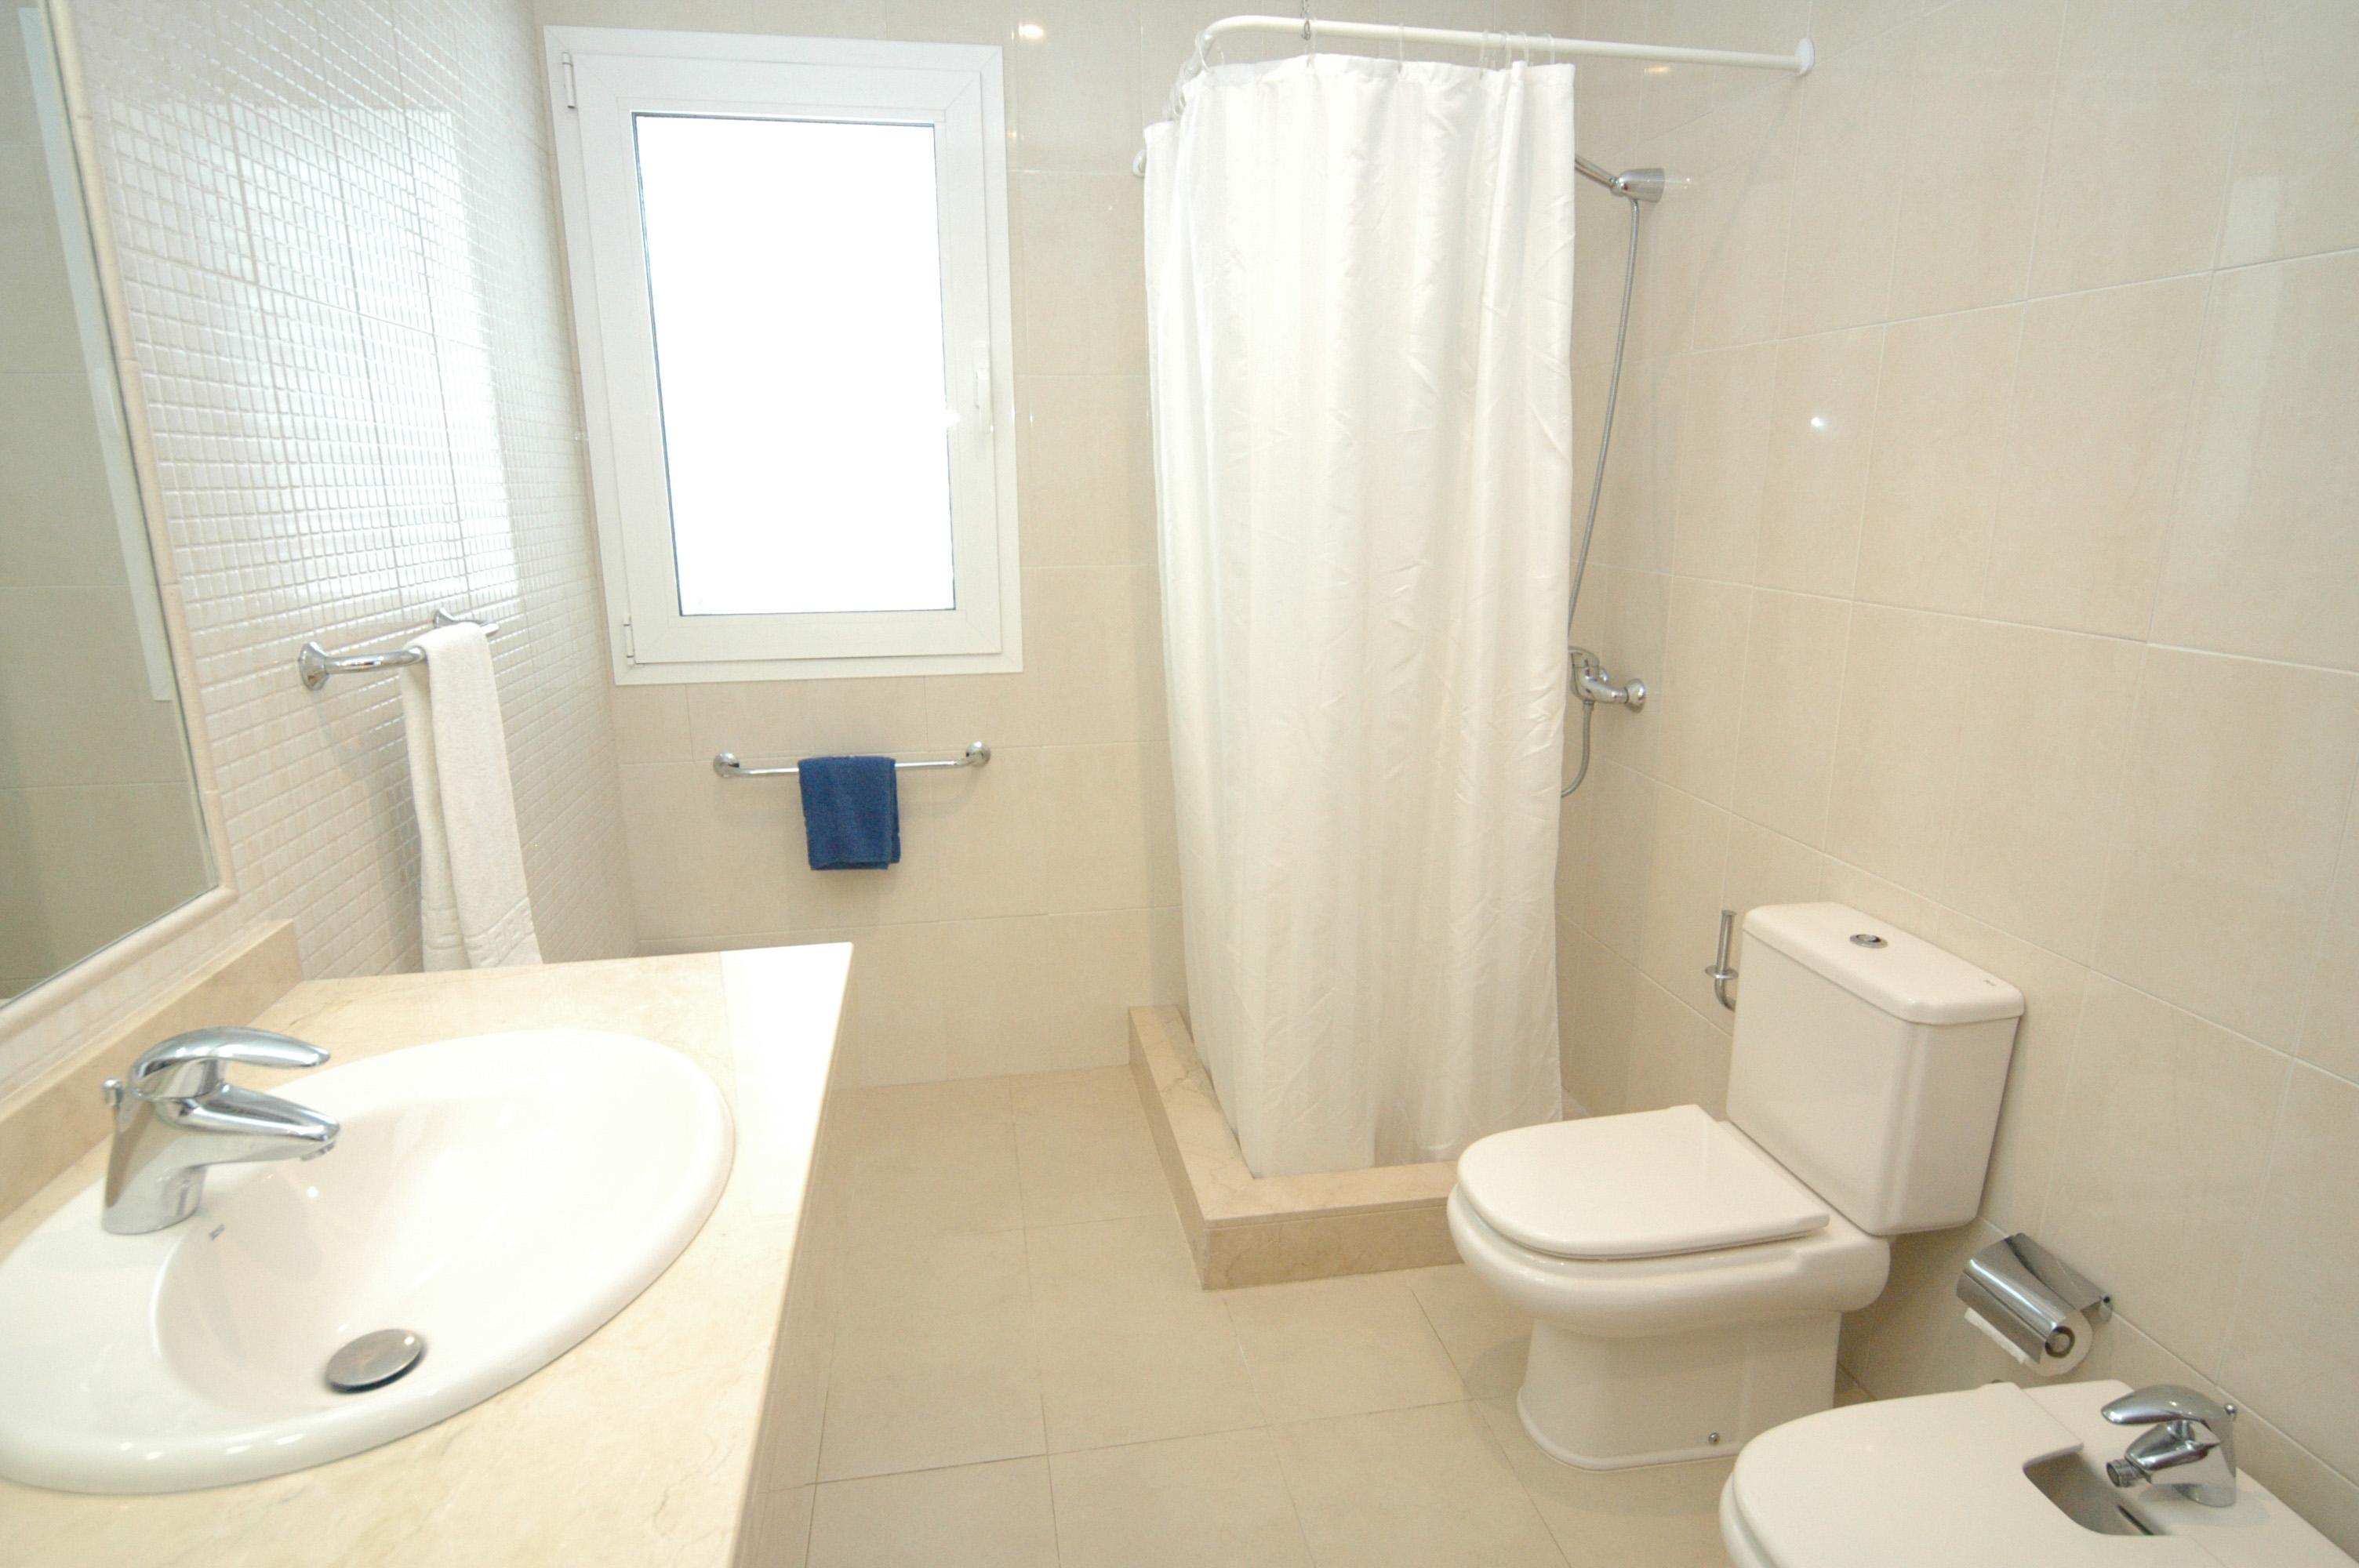 LVC198331 shower room